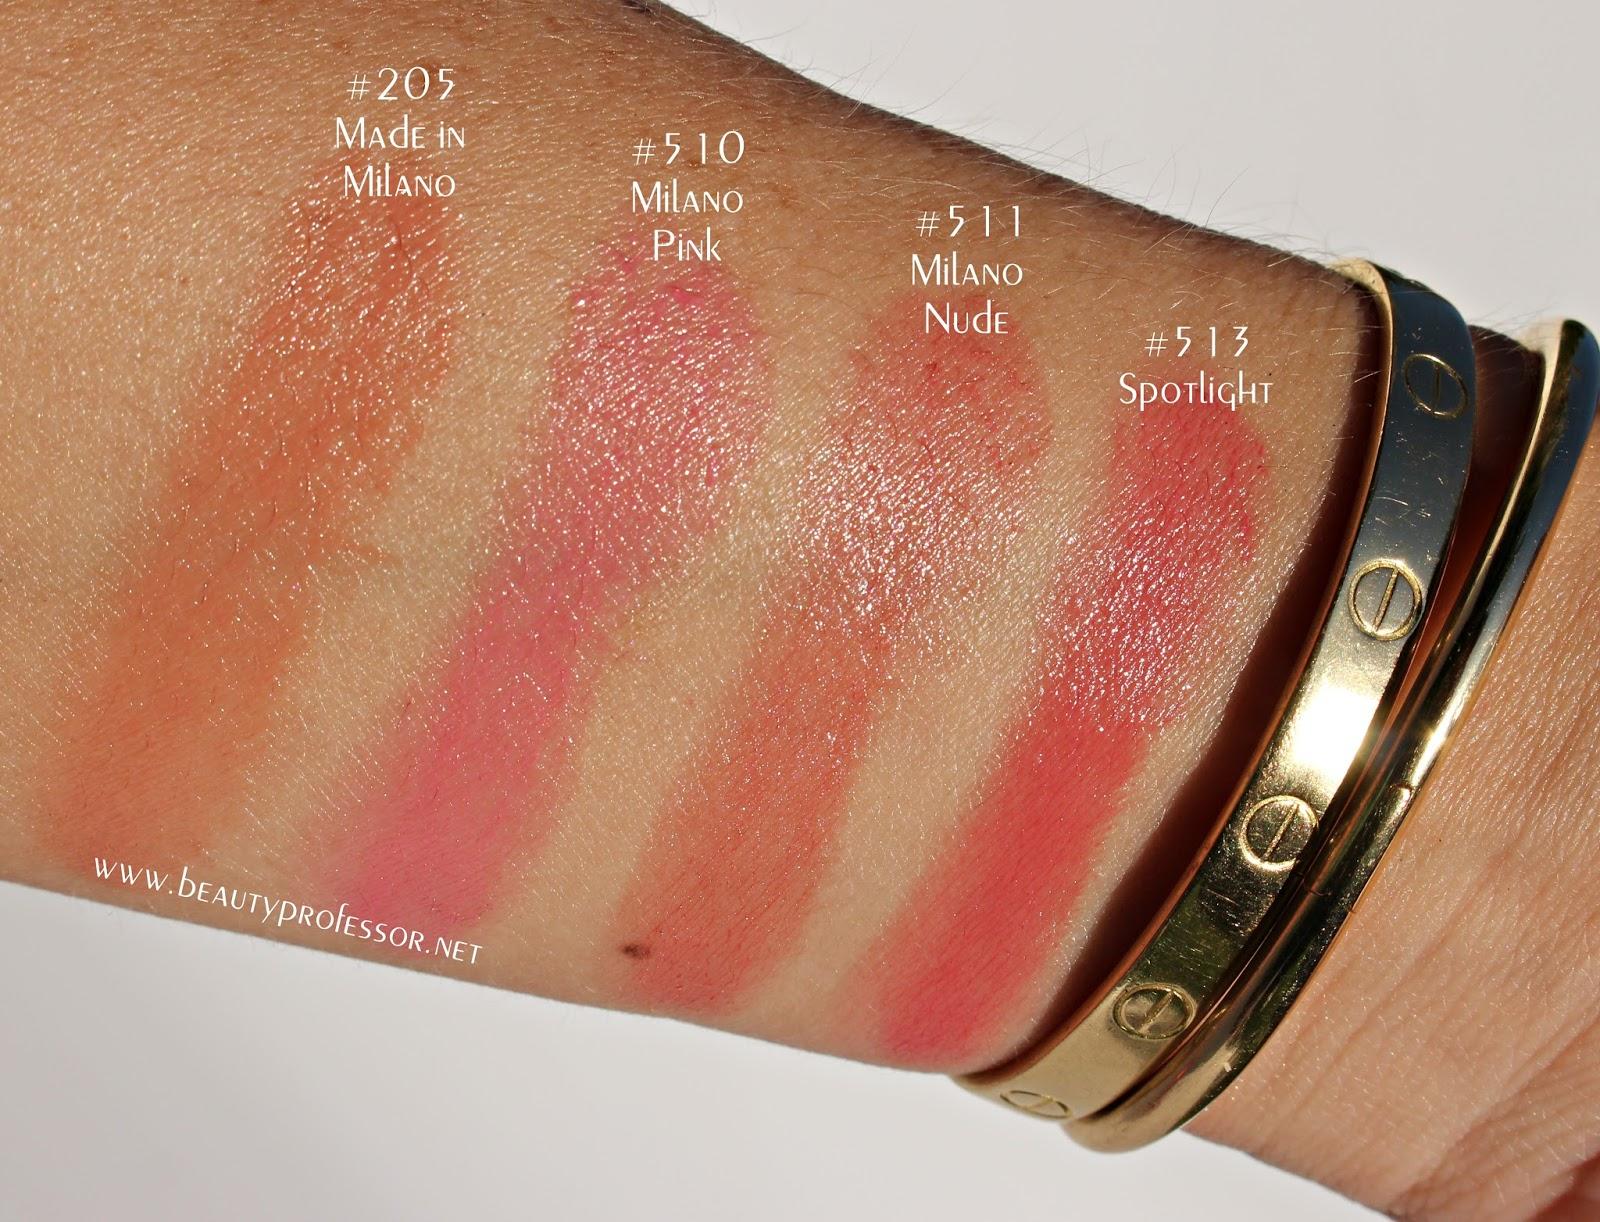 Ecstasy Lacquer Lip Gloss by Giorgio Armani Beauty #16